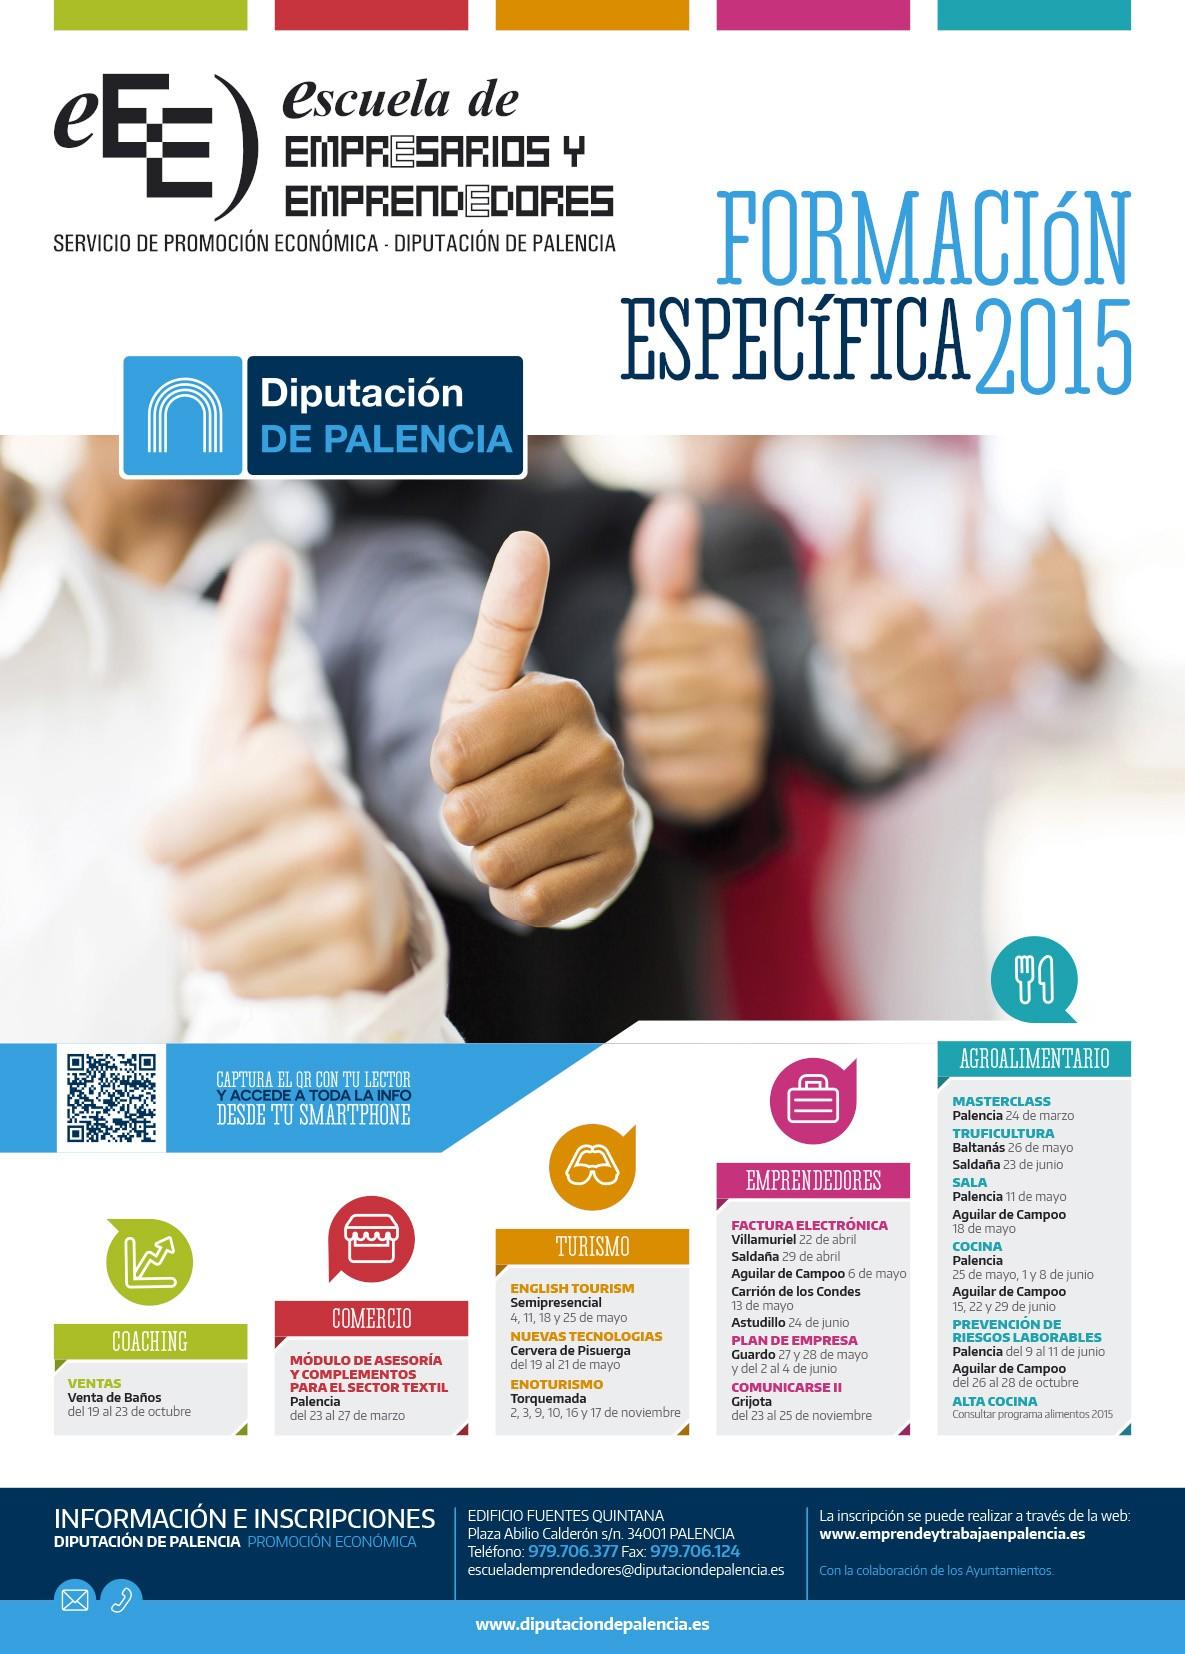 Escuela emprendedores Diputación Palencia